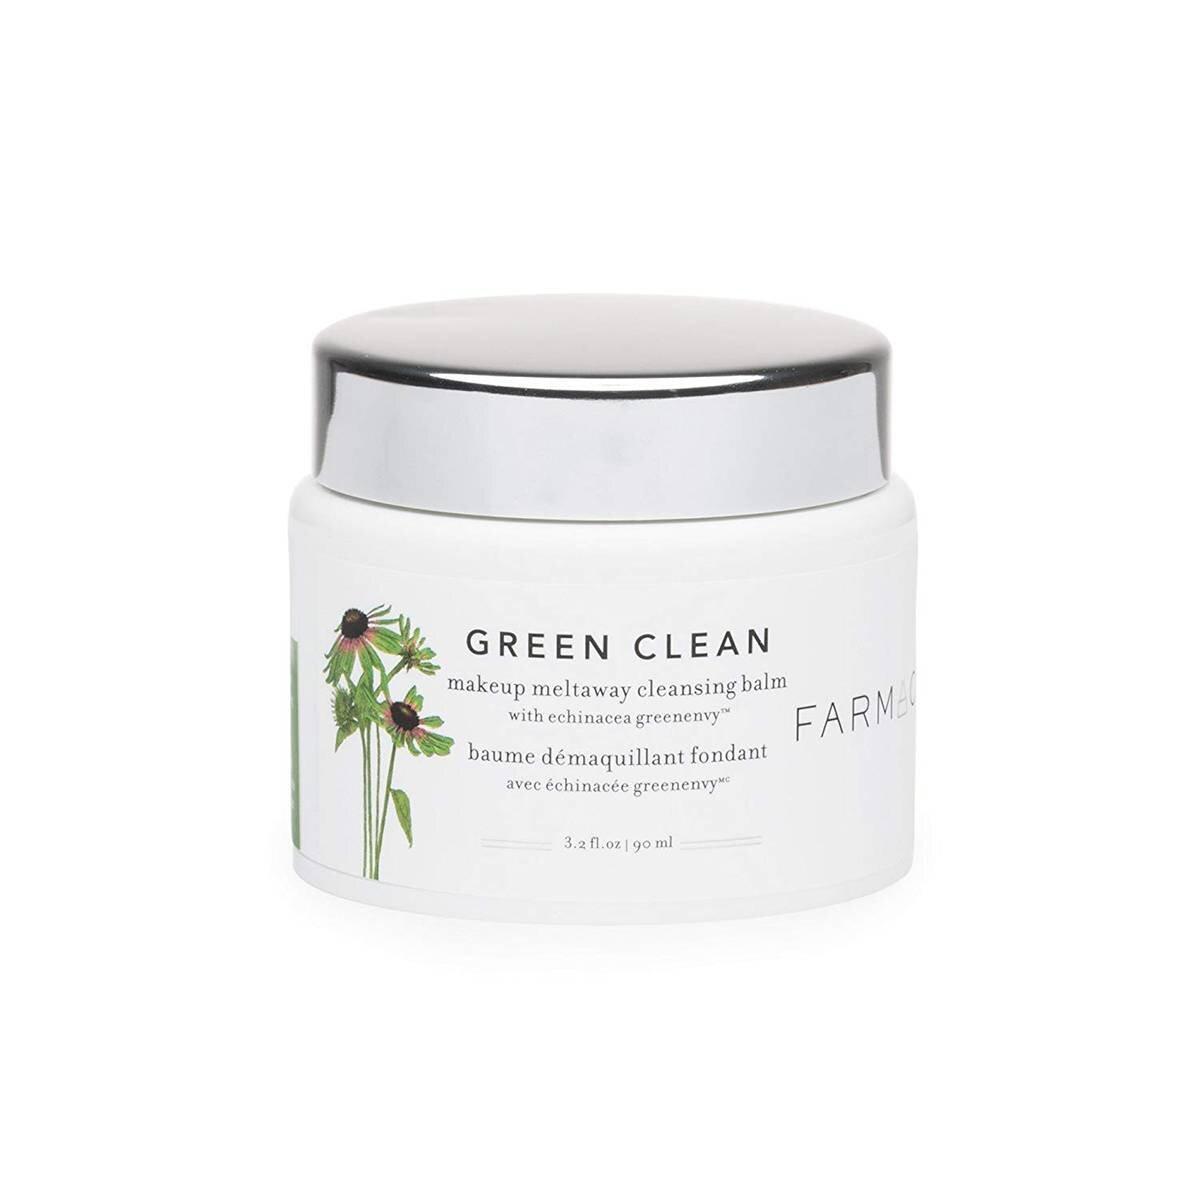 cleansing-oils-for-oily-skin-285927-1583530682426-main.1200x0c.jpg